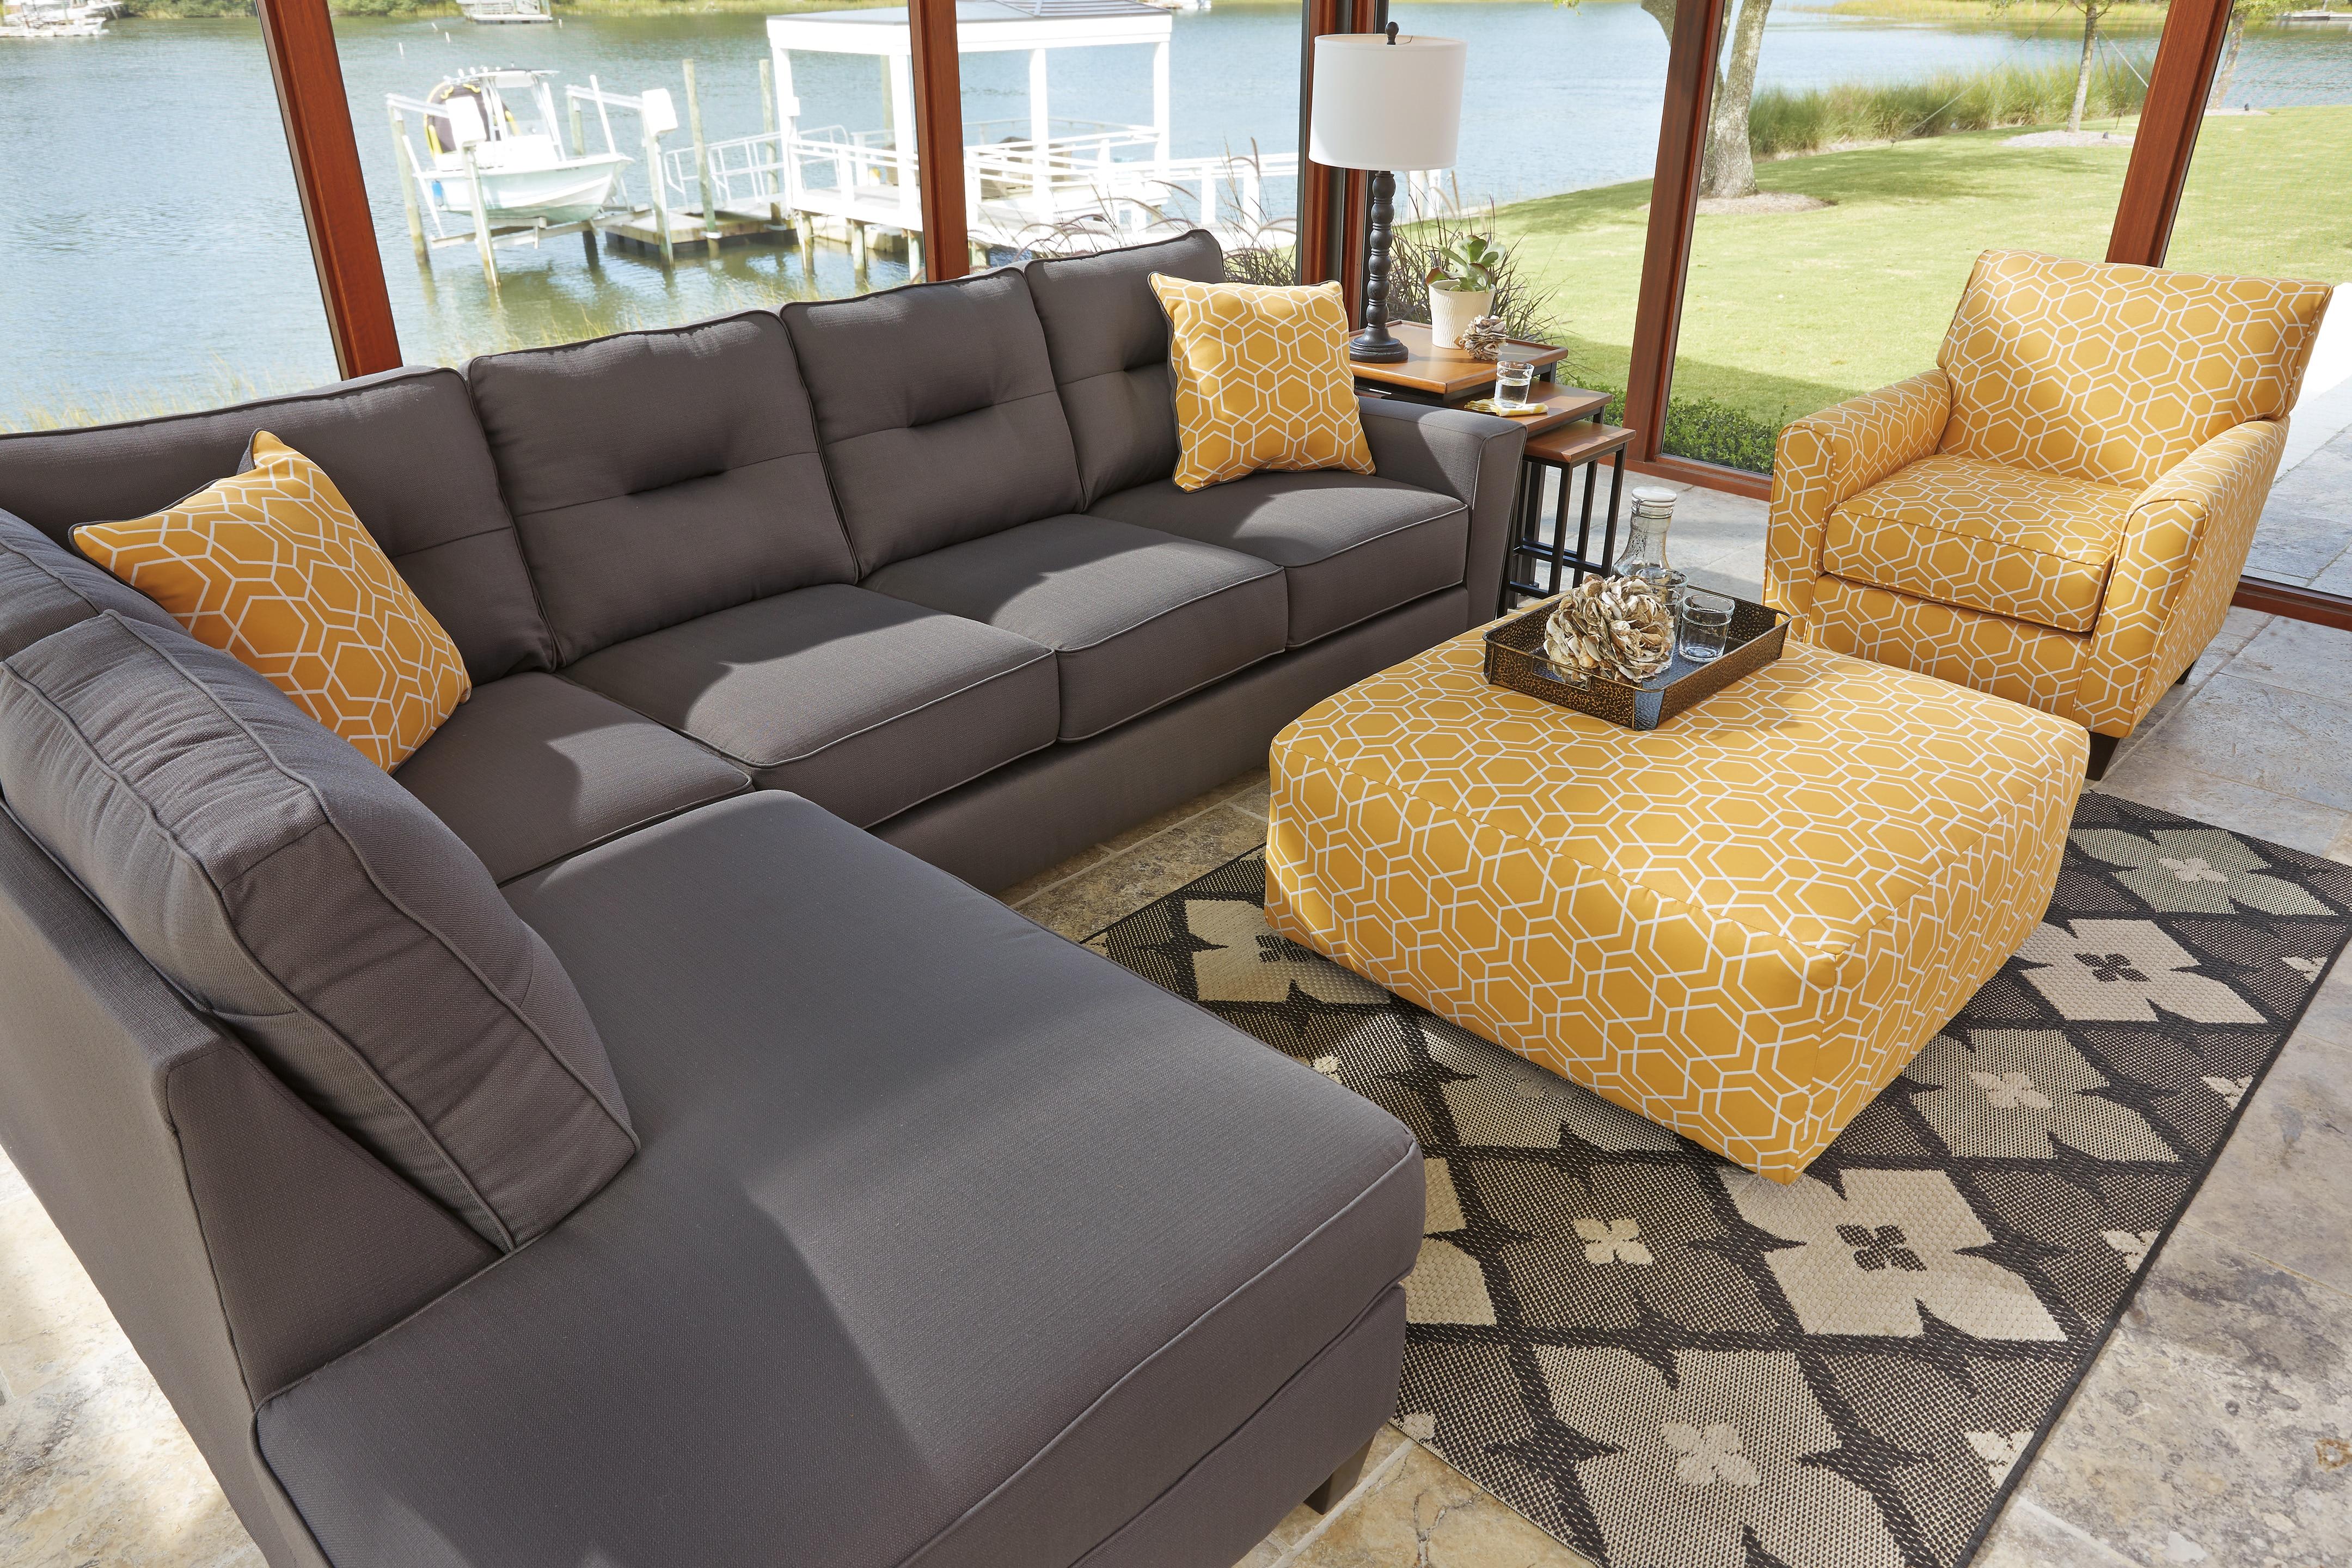 Living Room Furniture On Living Room Archives Ashley Furniture Homestore Blog